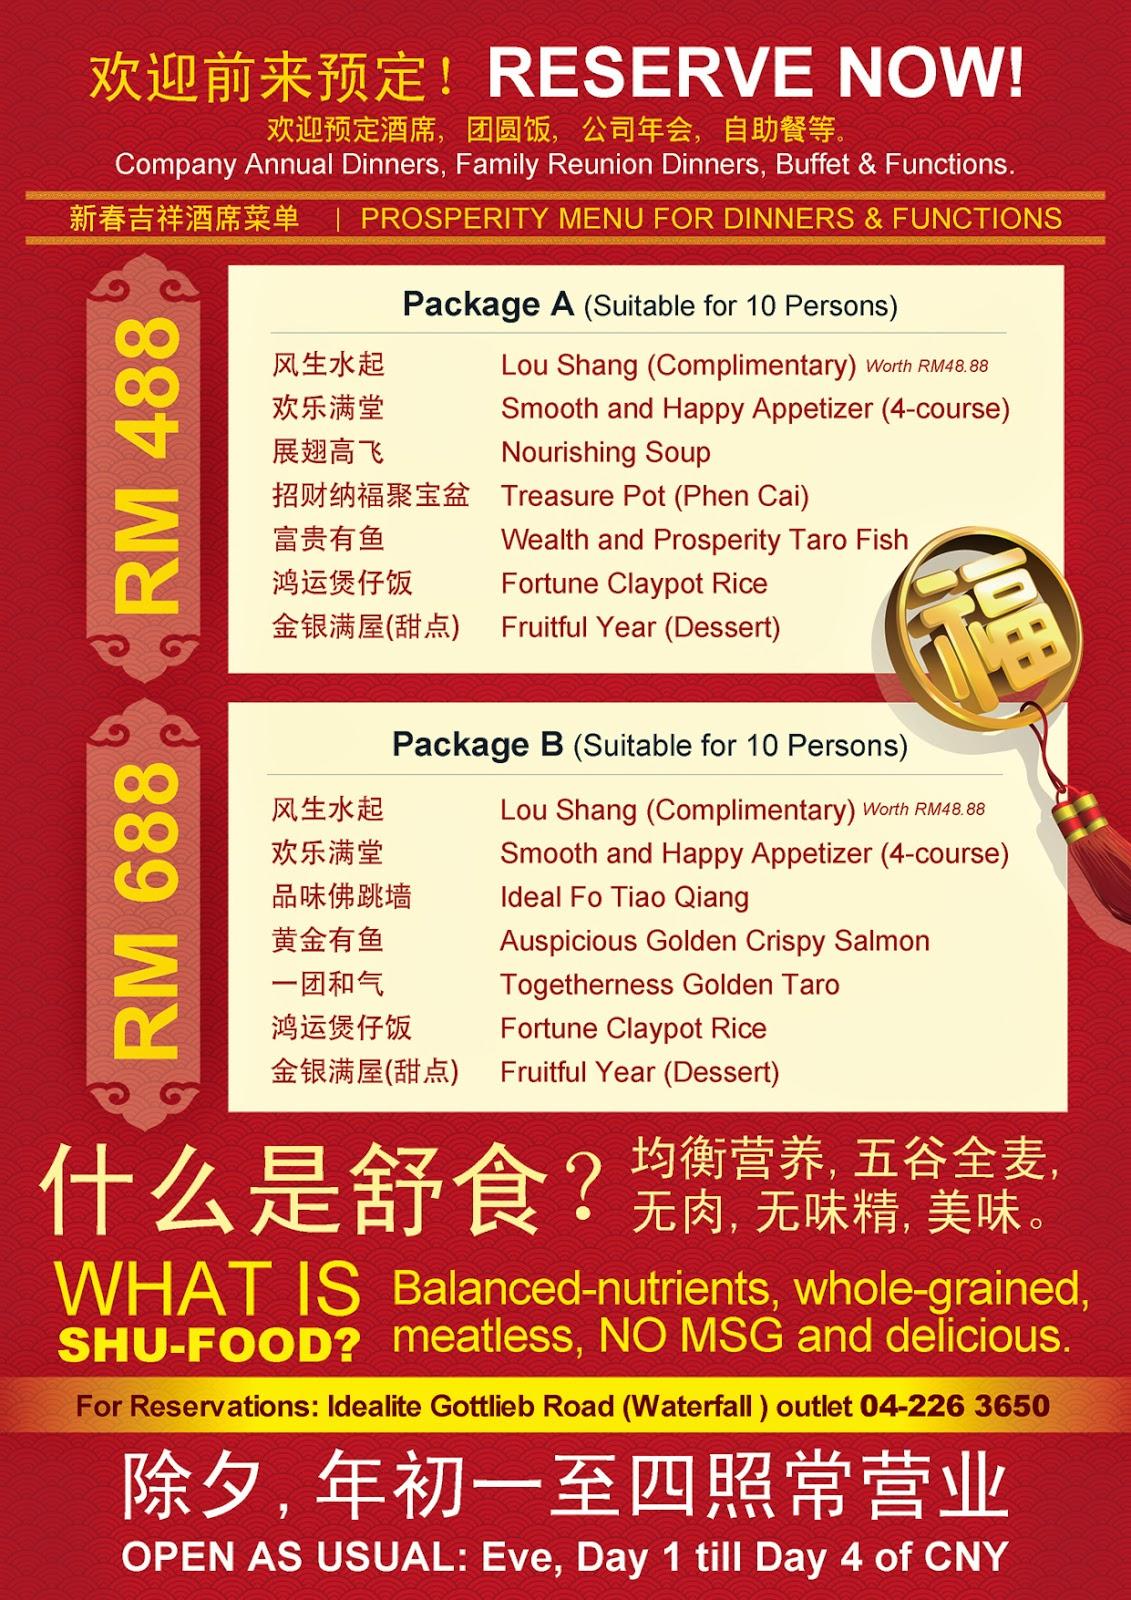 idealite restaurant chinese new year menu - Chinese New Year Menu